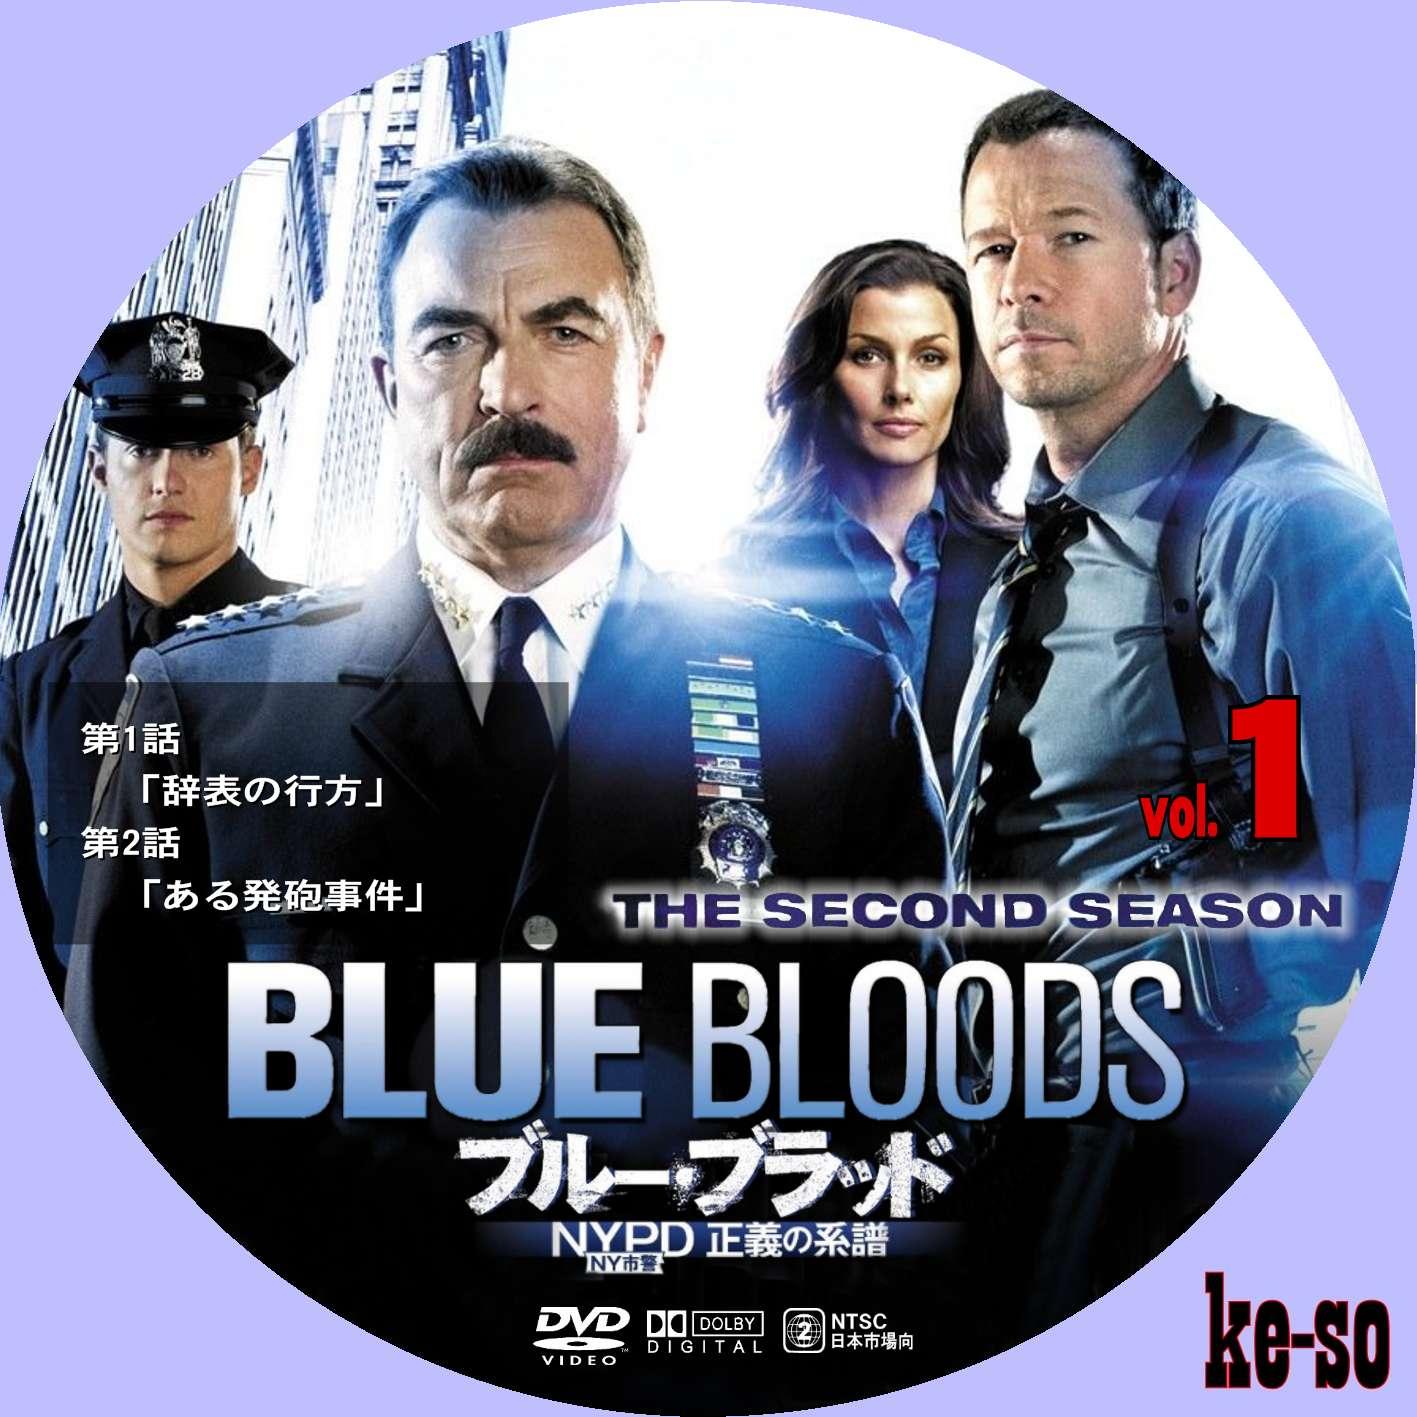 ブルー・ブラッド NYPD 正義の系譜 Vol.3 / トム・ …